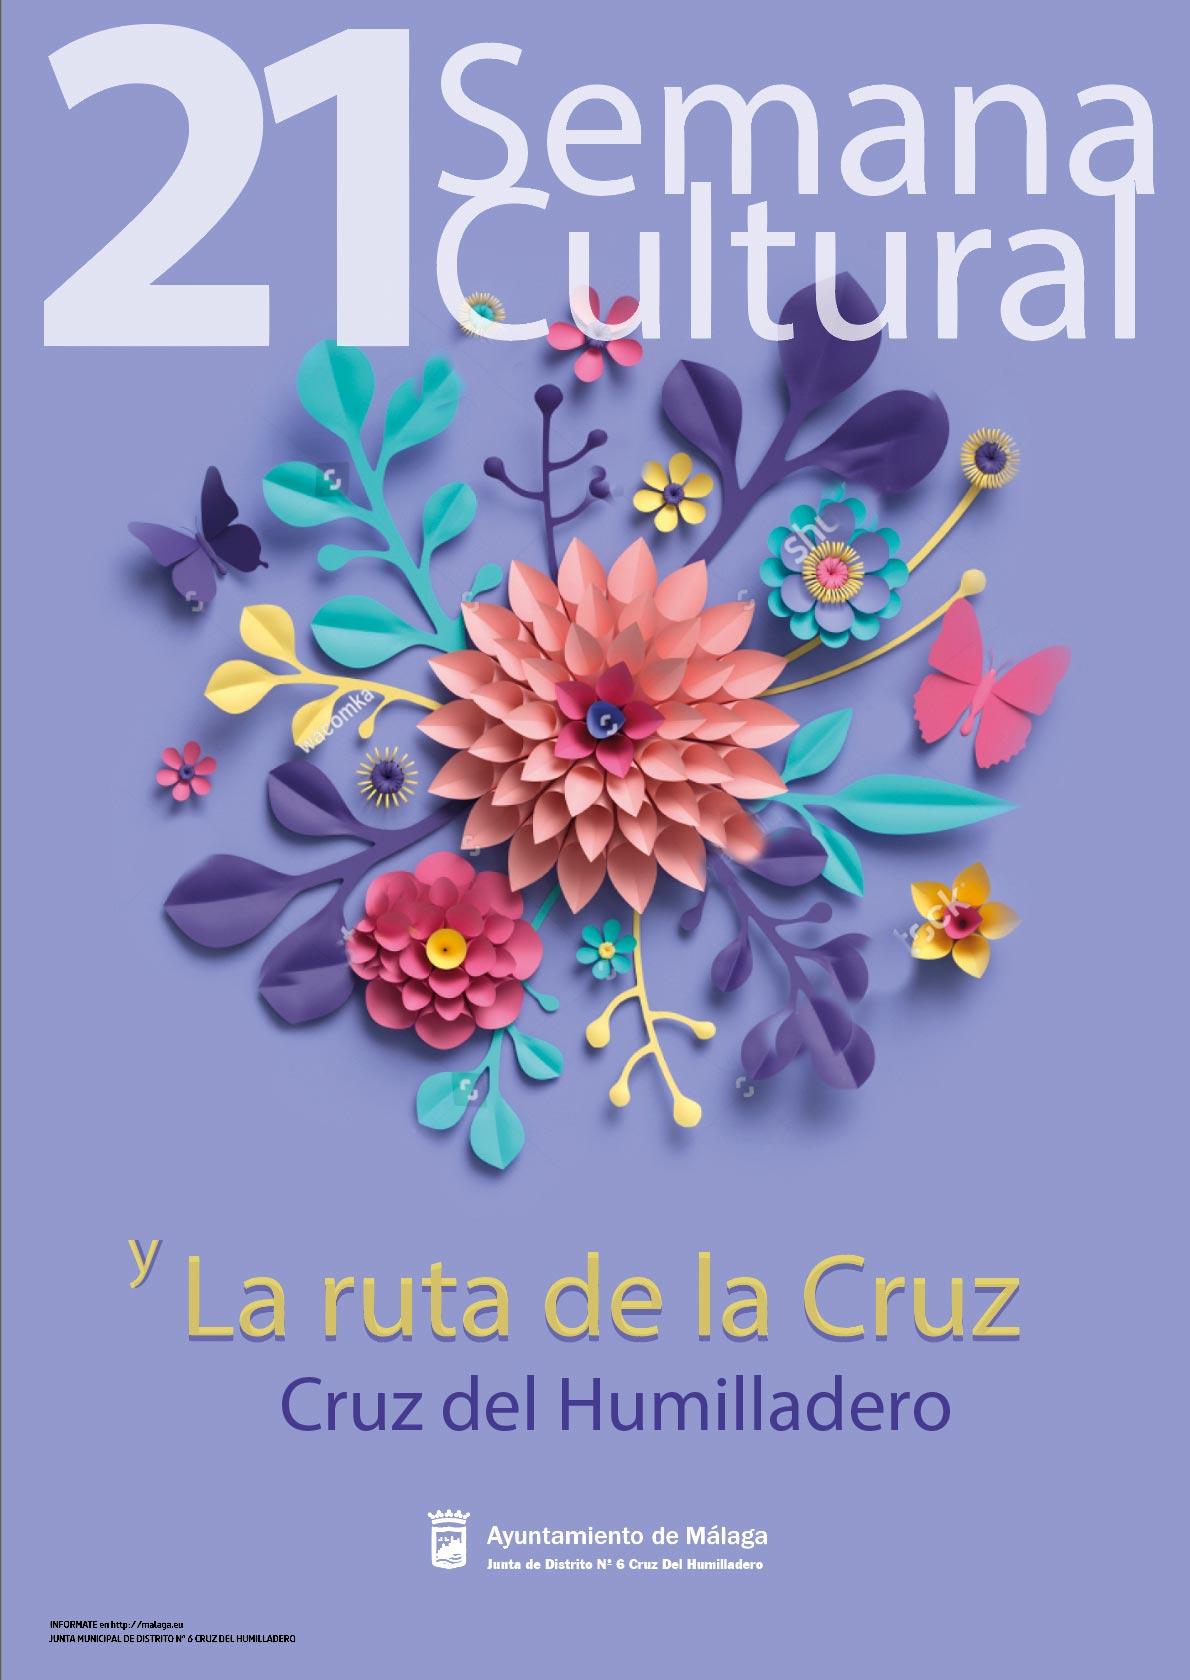 Semana Cultural Cruz del Humilladero 2019 y Cruces de Mayo